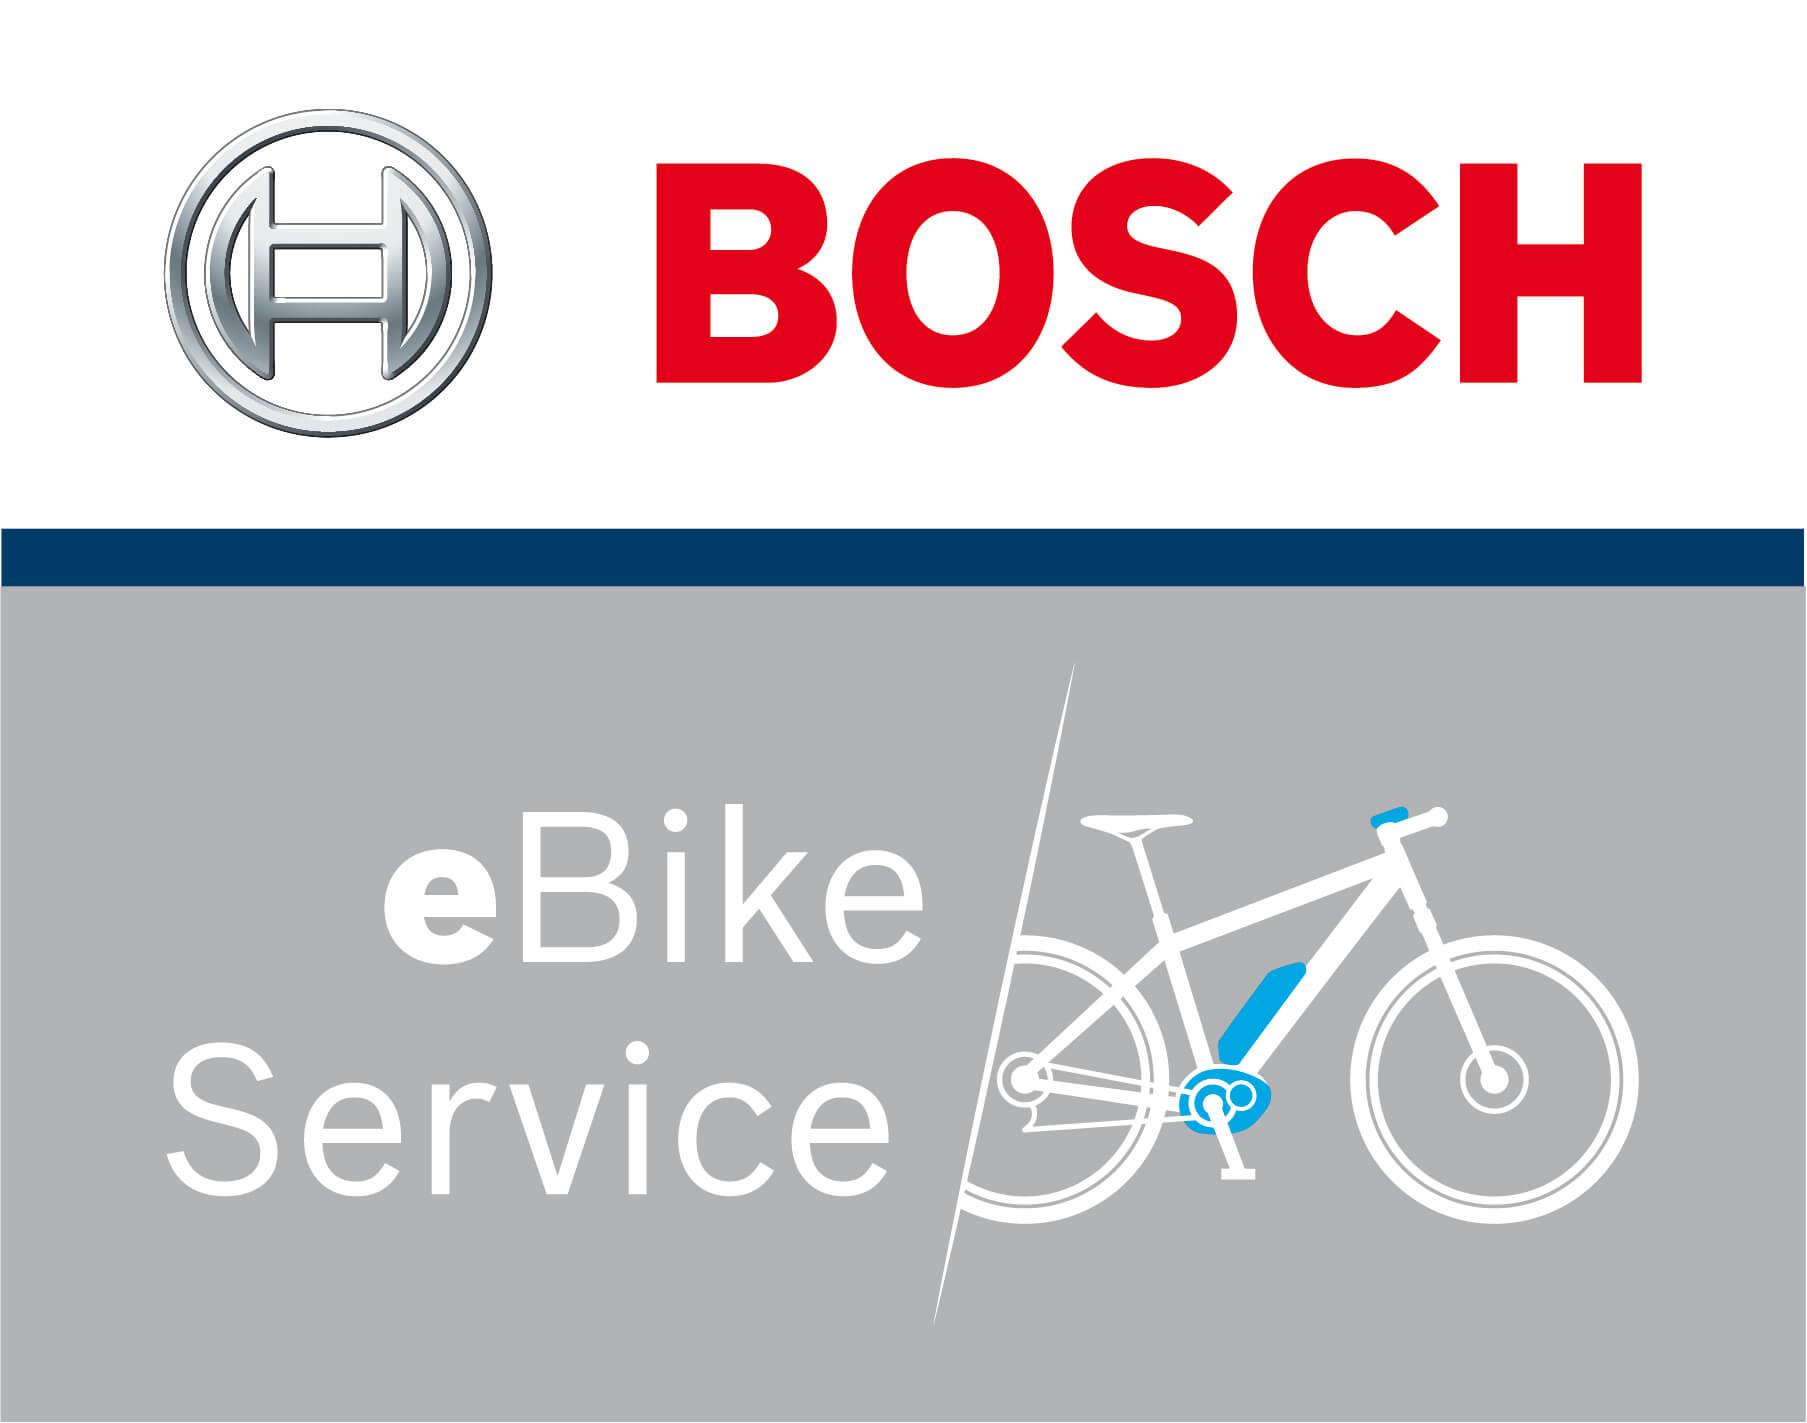 Bosch-eBike-Service-Logo-V2 - MarcoVélo